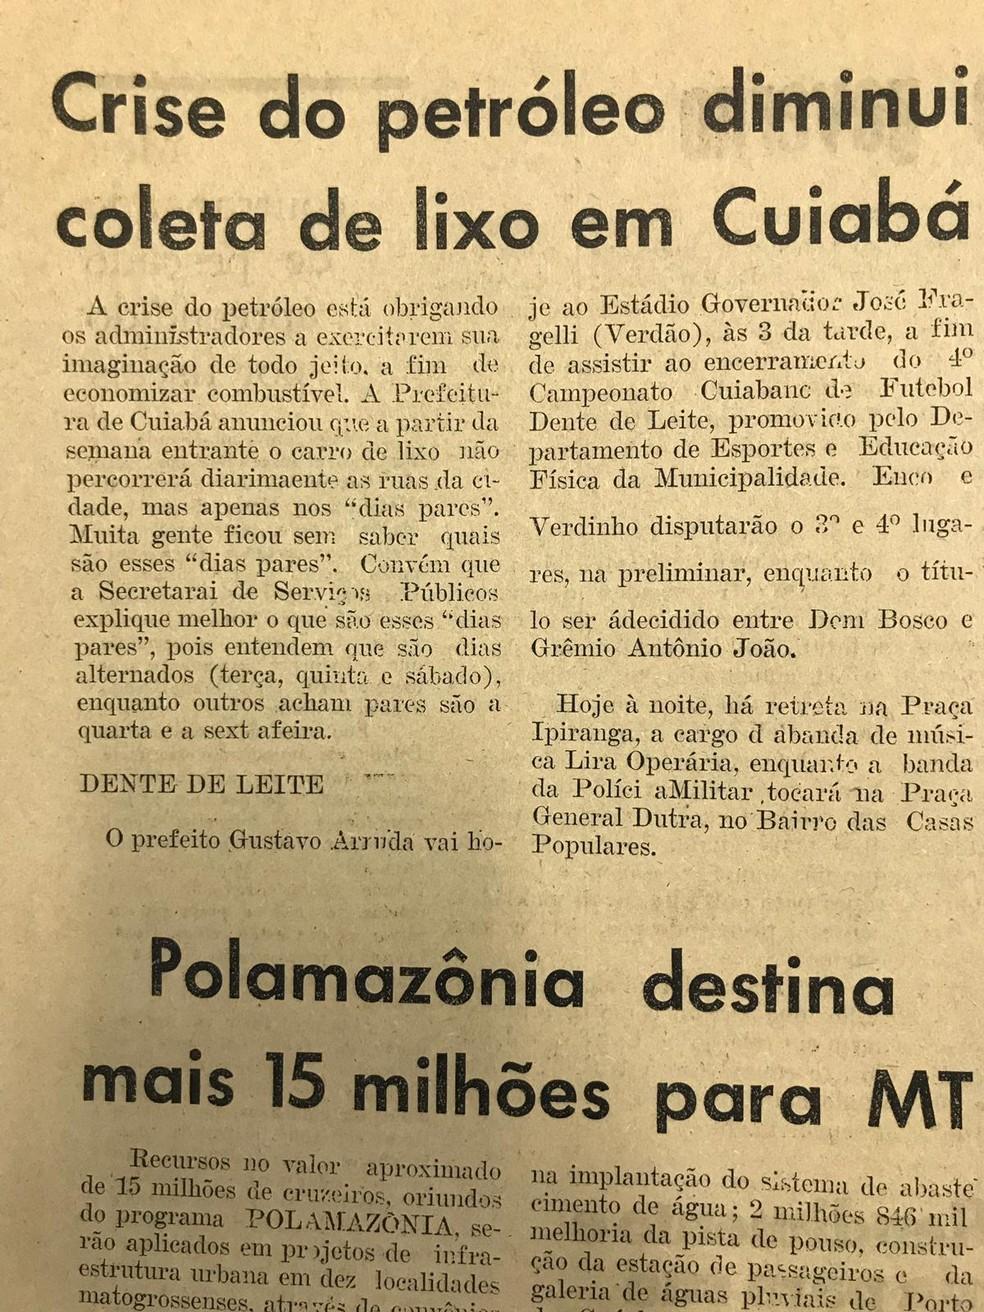 Crise do petróleo também foi notícia em Cuiabá — Foto: Arquivo Público/Reprodução